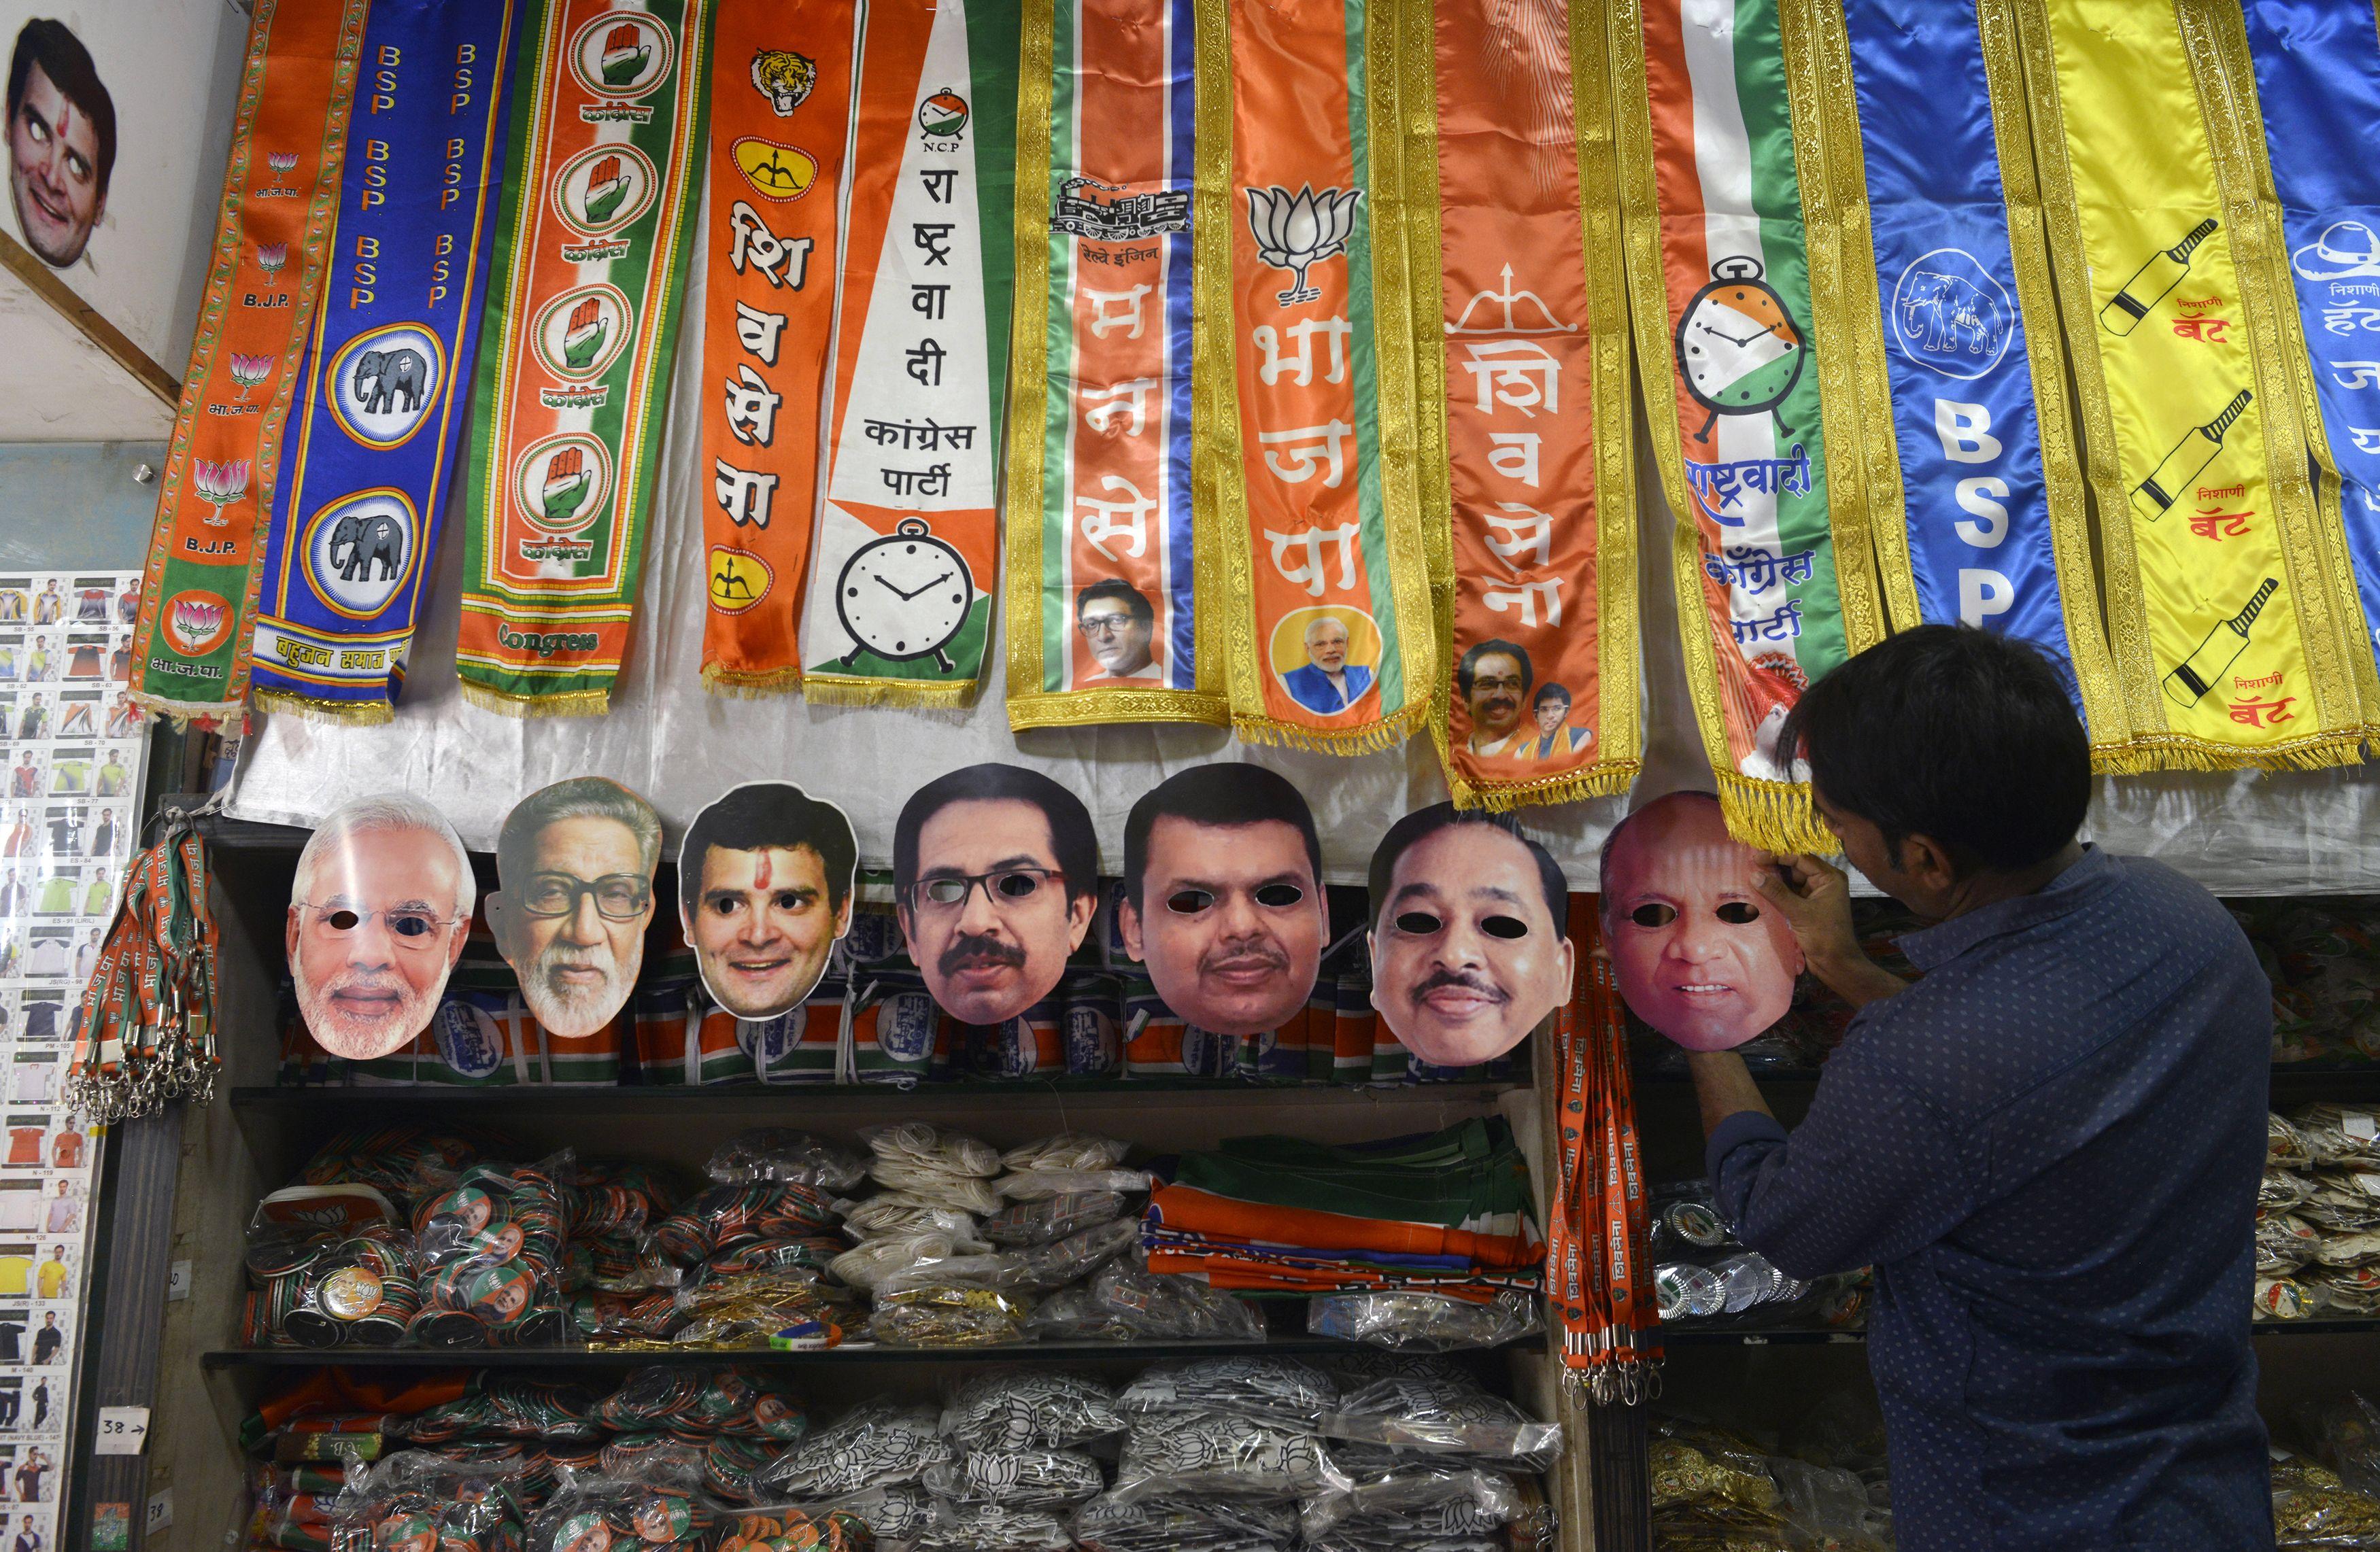 Punit Paranjpe/AFP